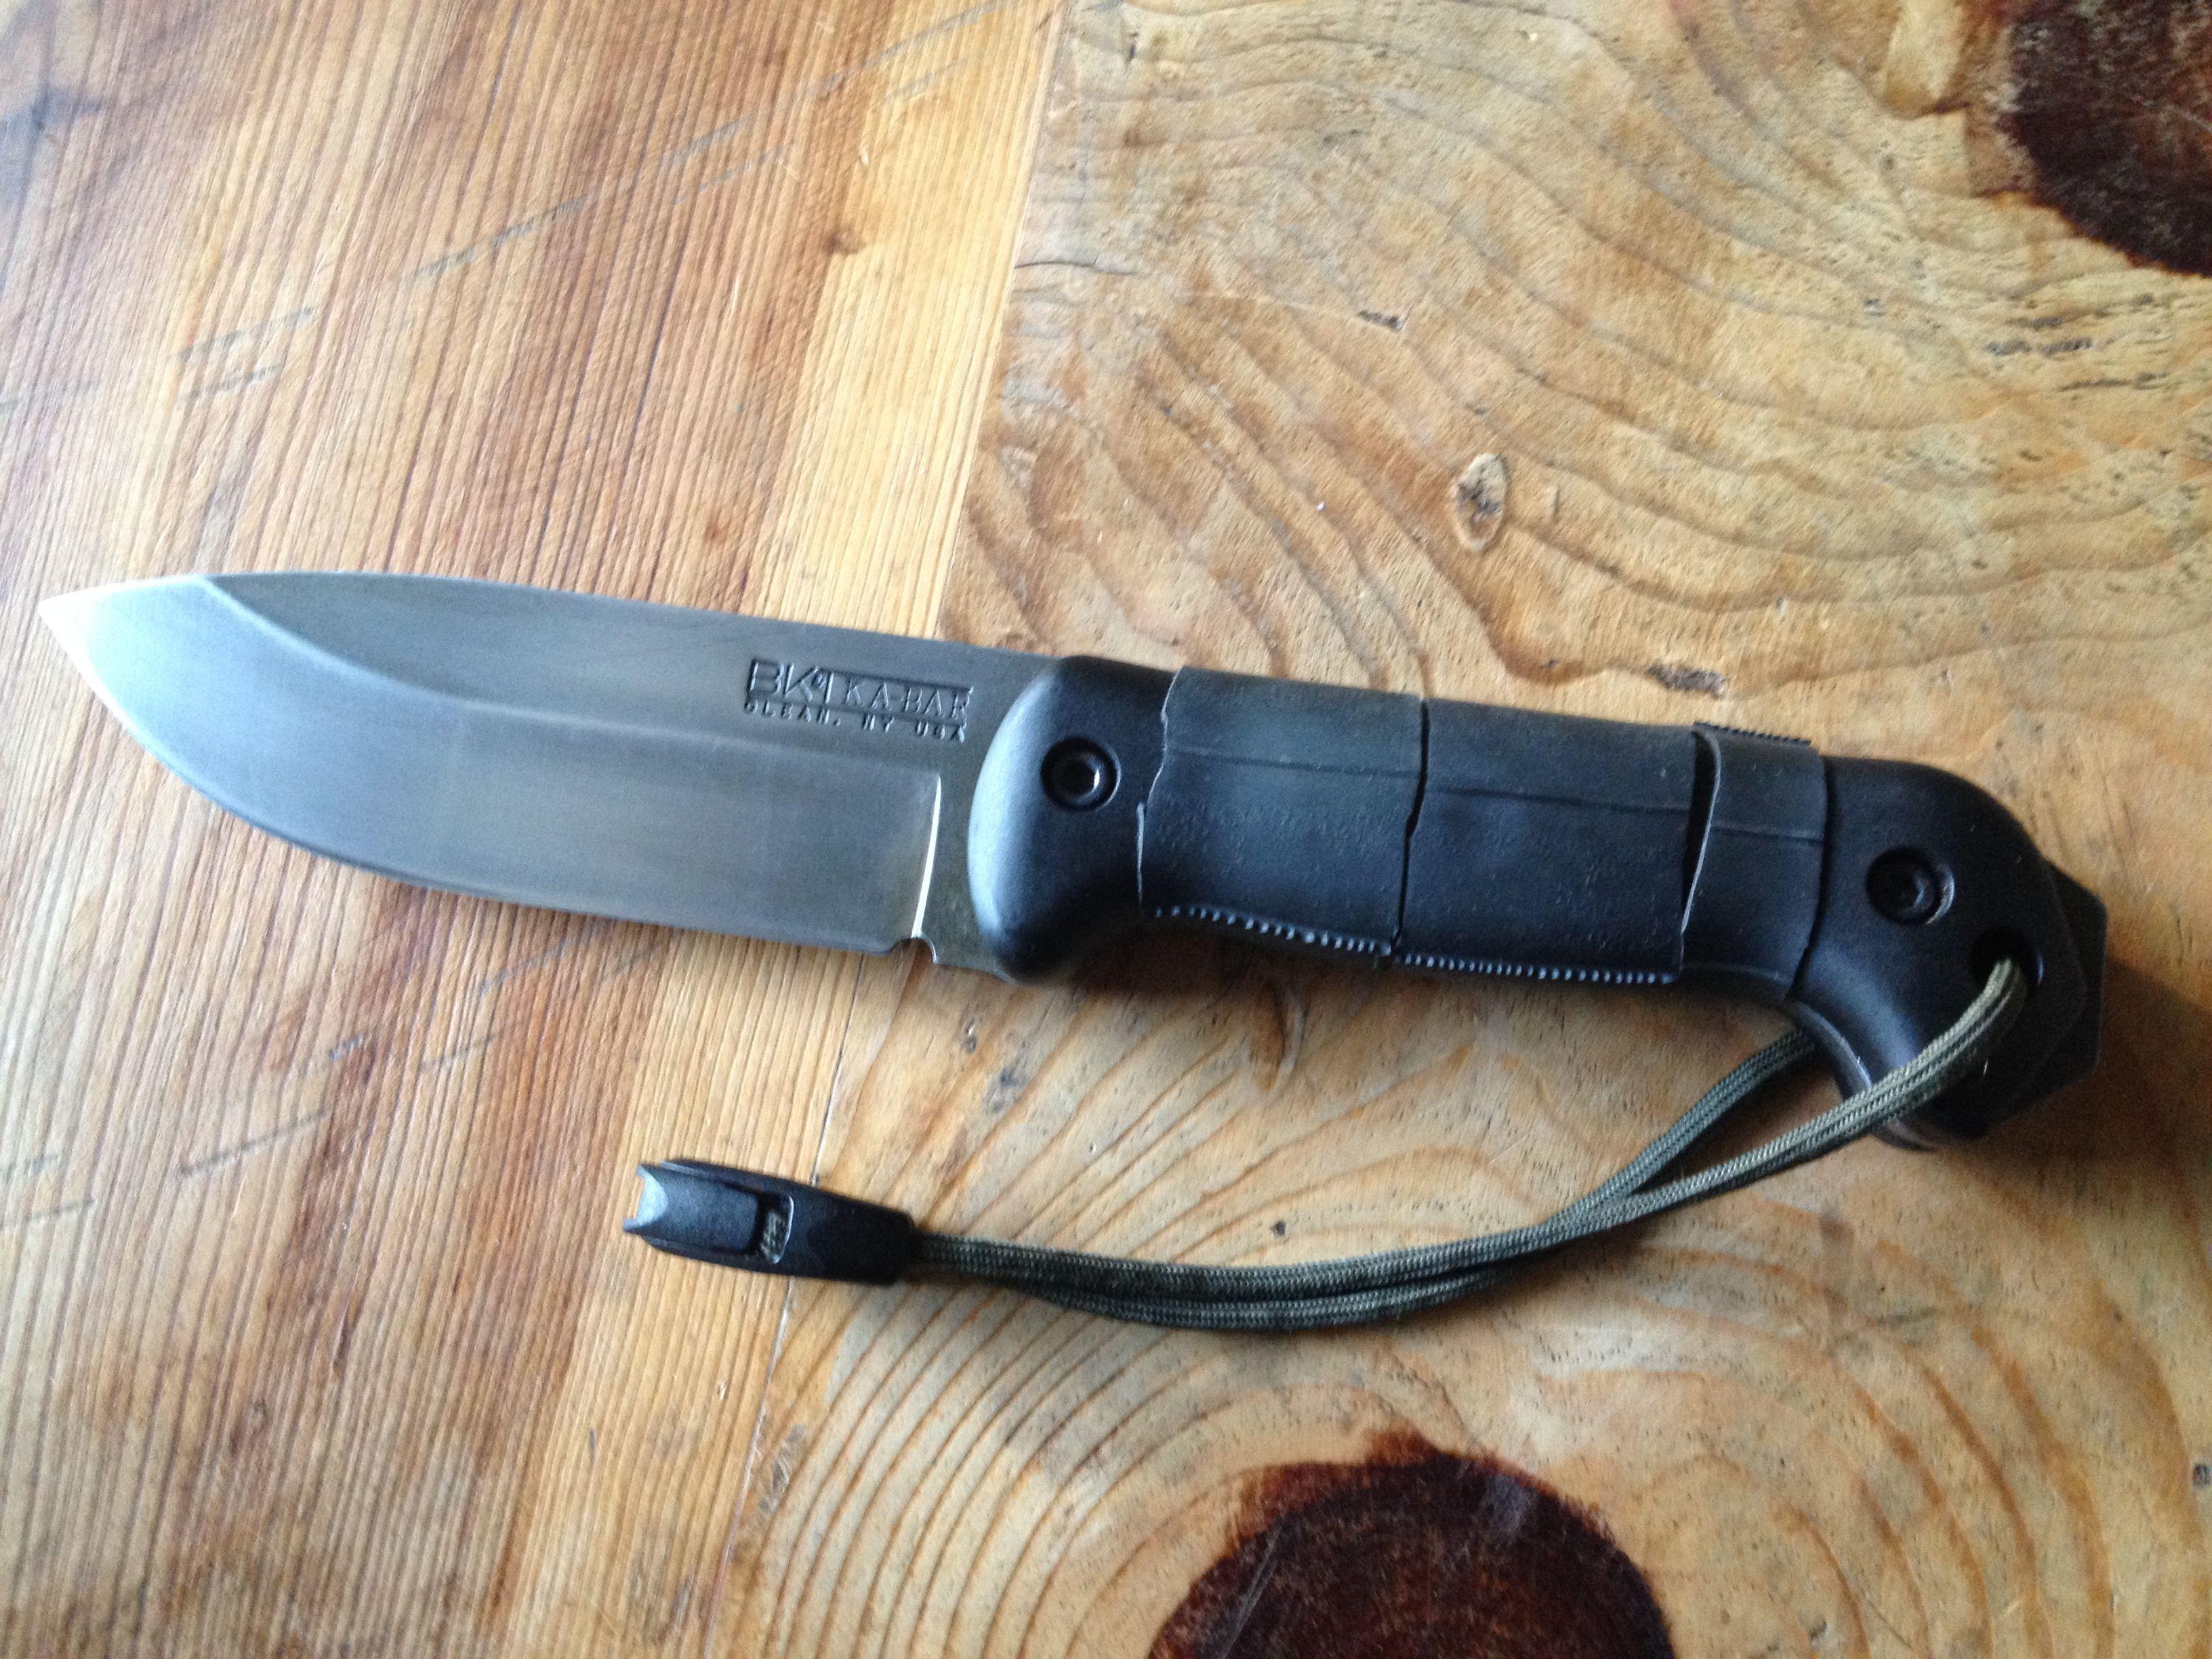 Ranger Bands Back On Over The Grivory Scales Band Pocket Knife Ranger